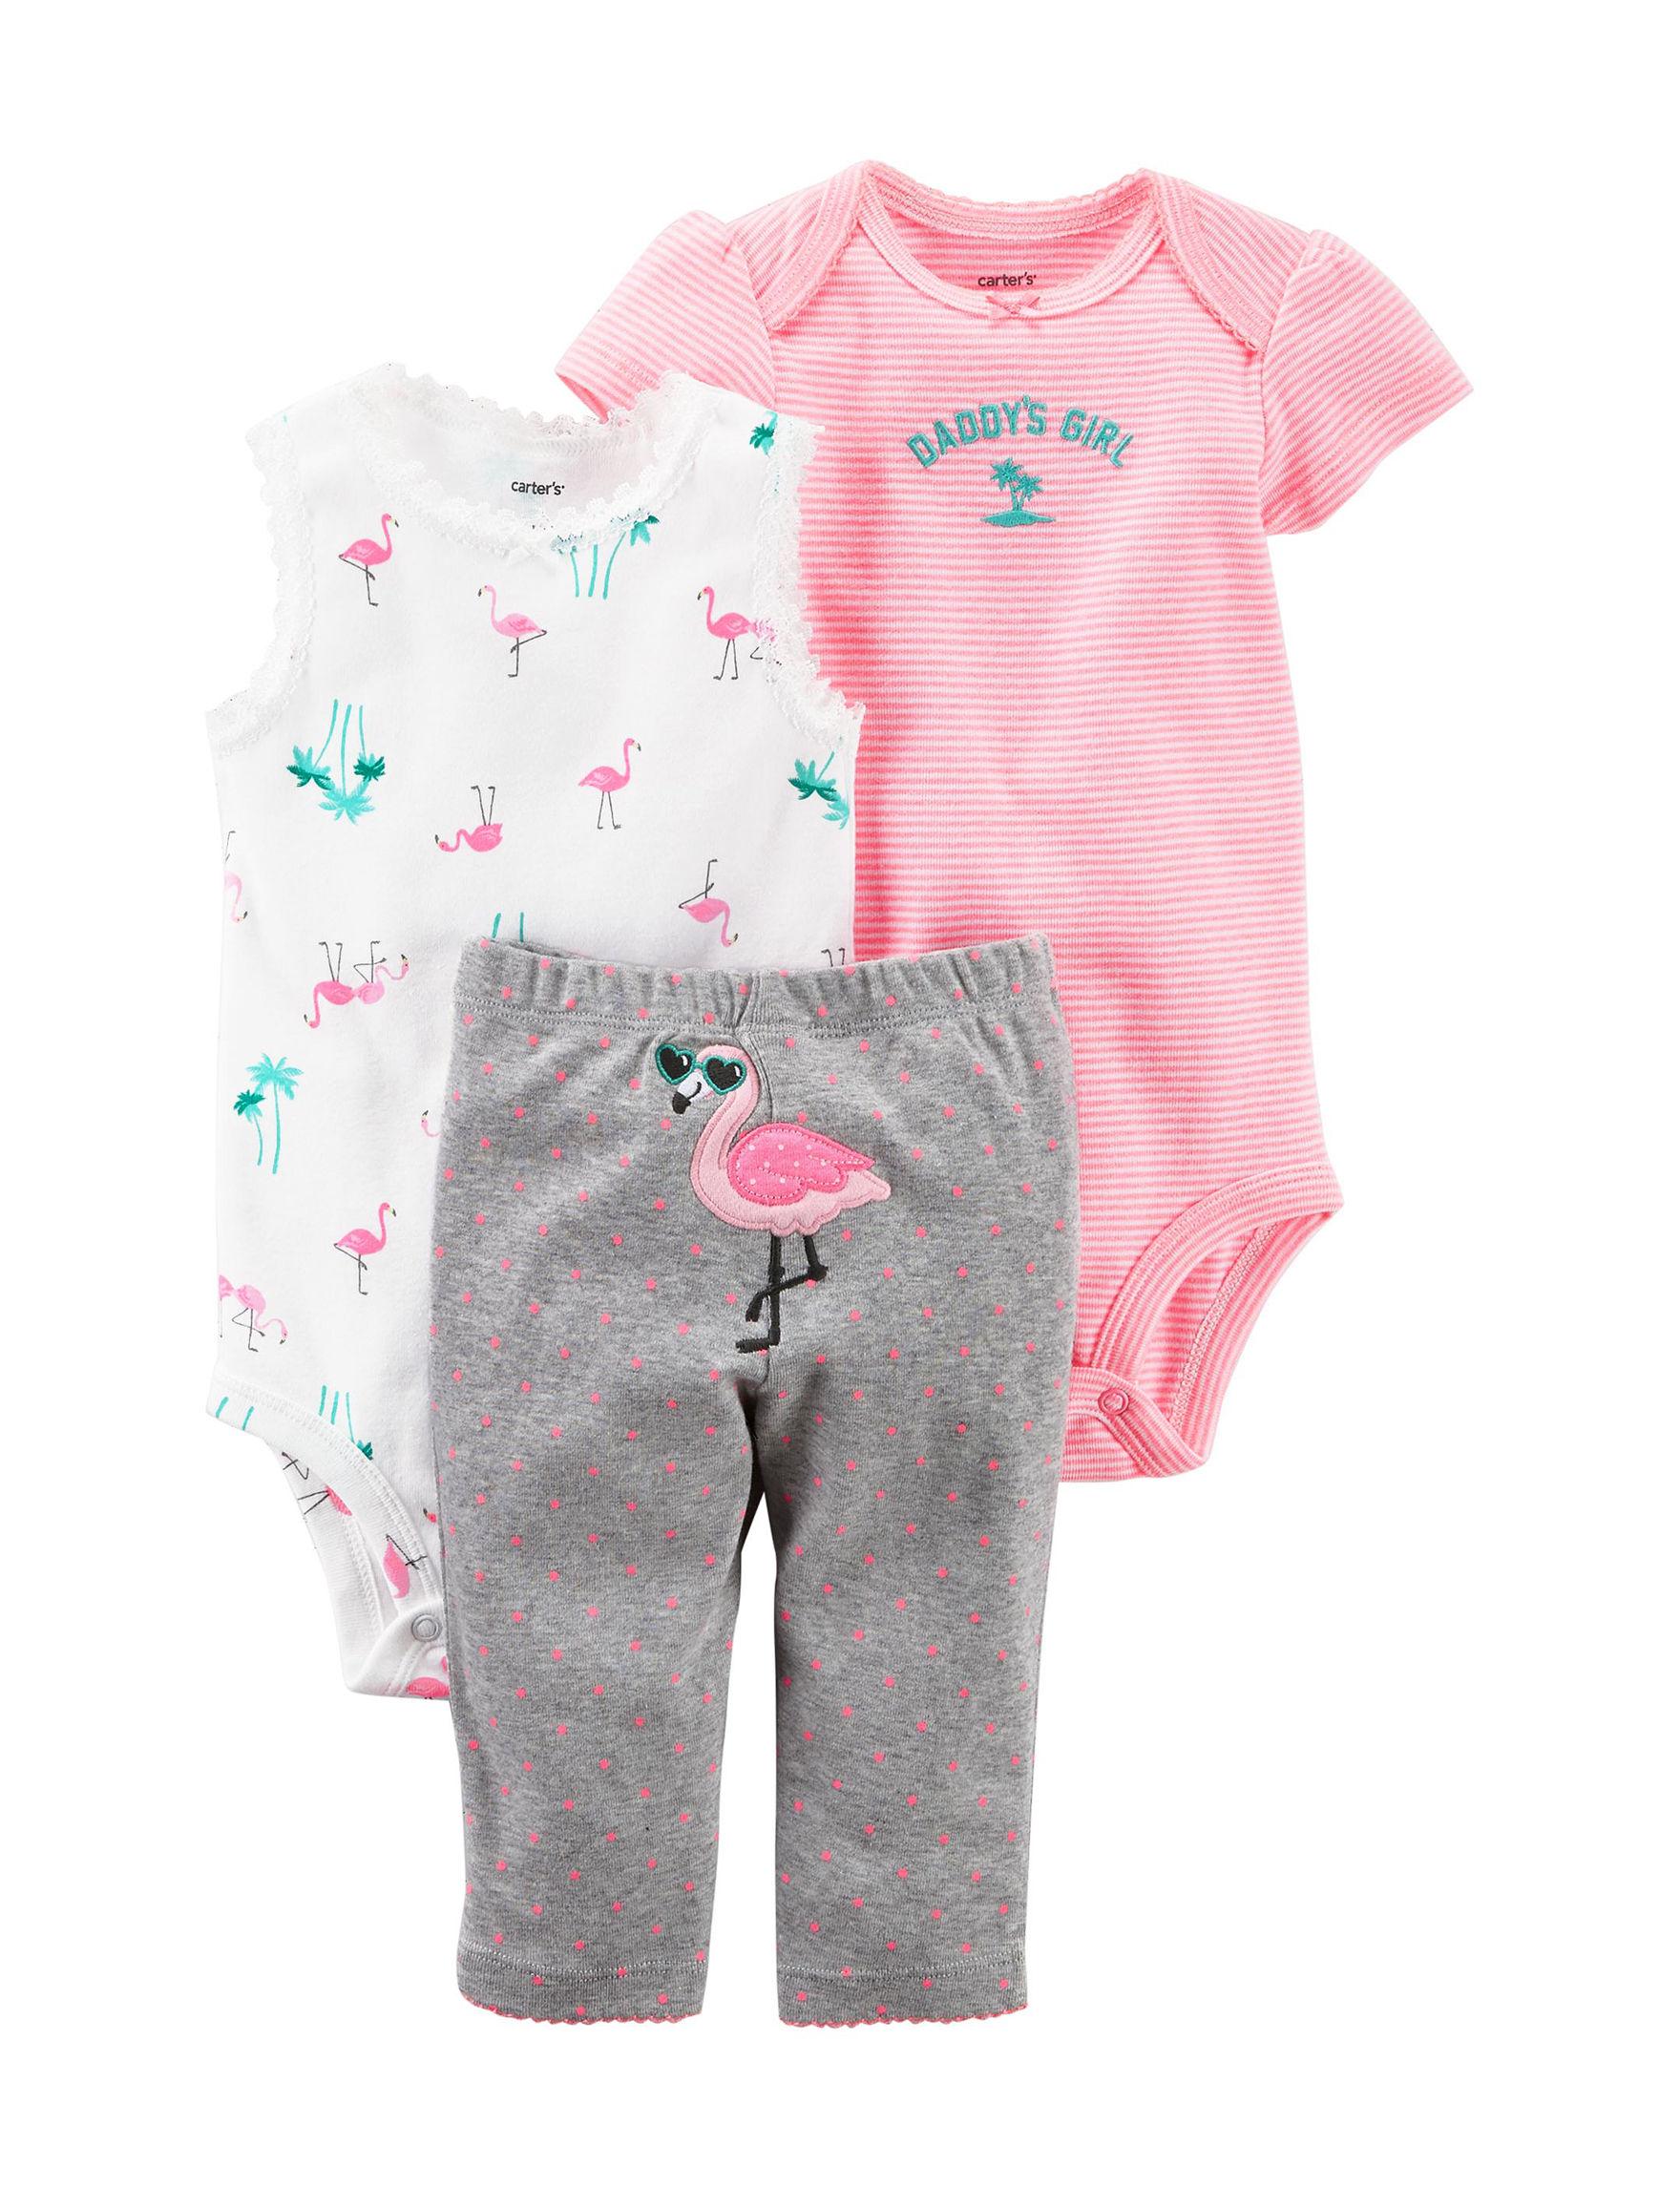 Carter's Pink / Grey